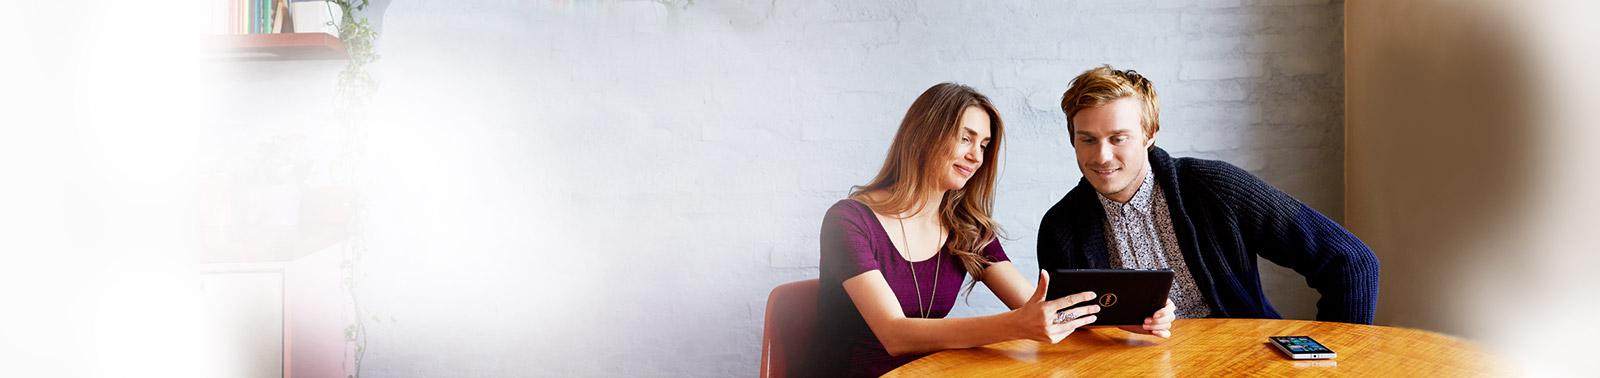 Жінка сидить за столом, тримає планшет і показує його чоловікові, що сидить поряд із нею.